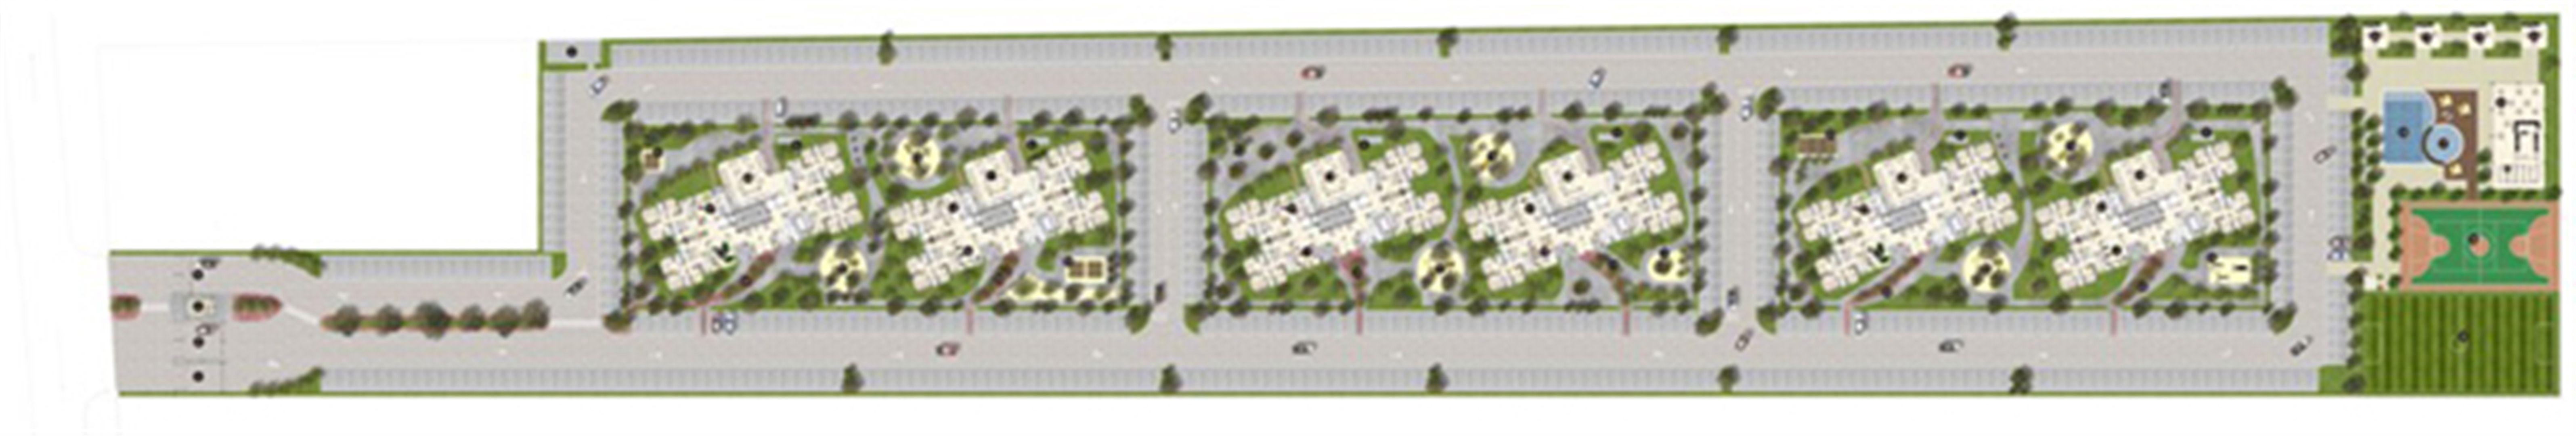 Planta:  | Pleno Residencial - Apartamento no Centro de Ananindeua - Ananindeua Pará